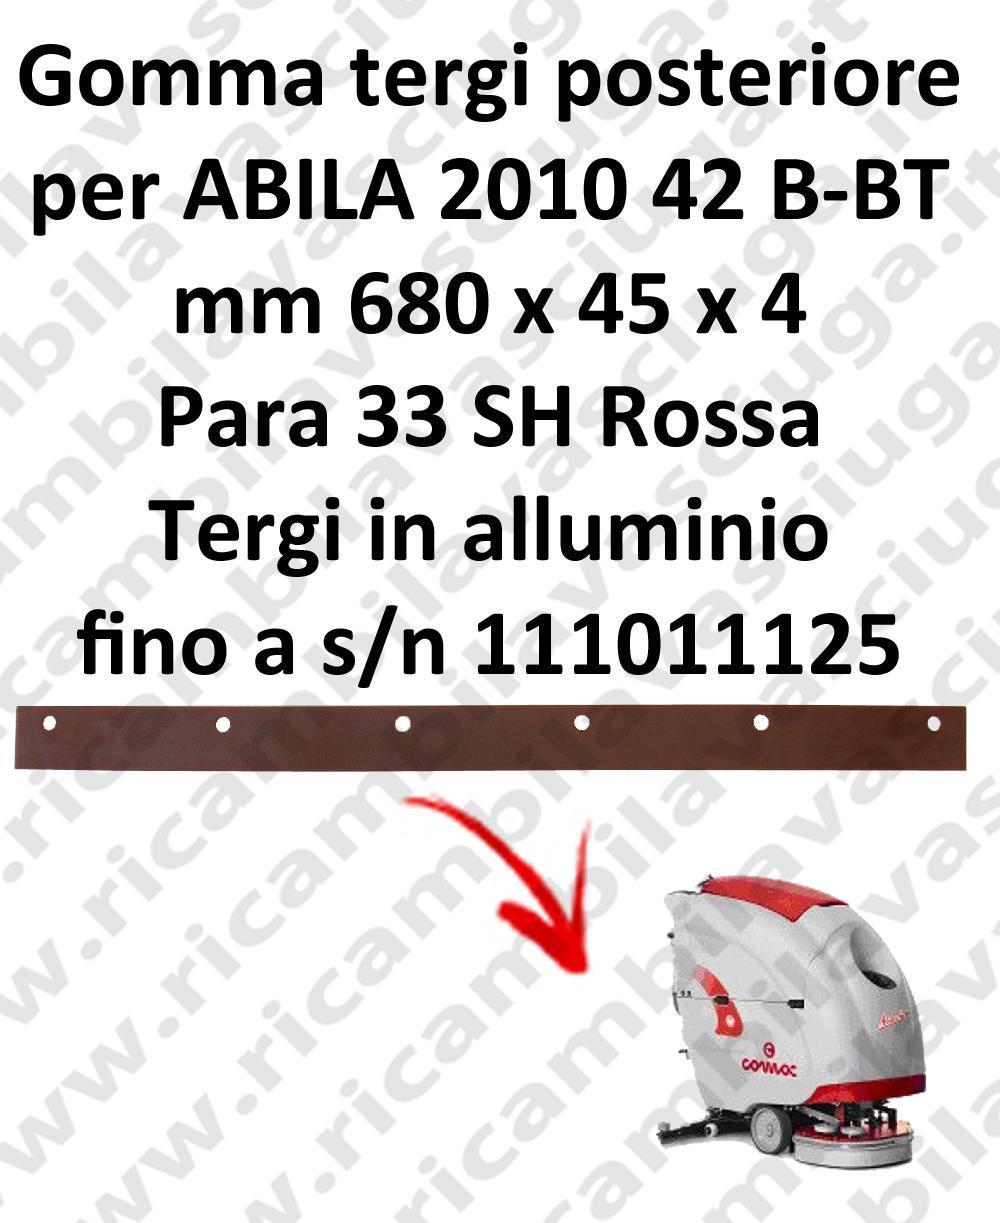 ABILA 2010 42 B - BT fino a s/n 111011125 goma de secado trasero para COMAC repuestos fregadoras squeegee